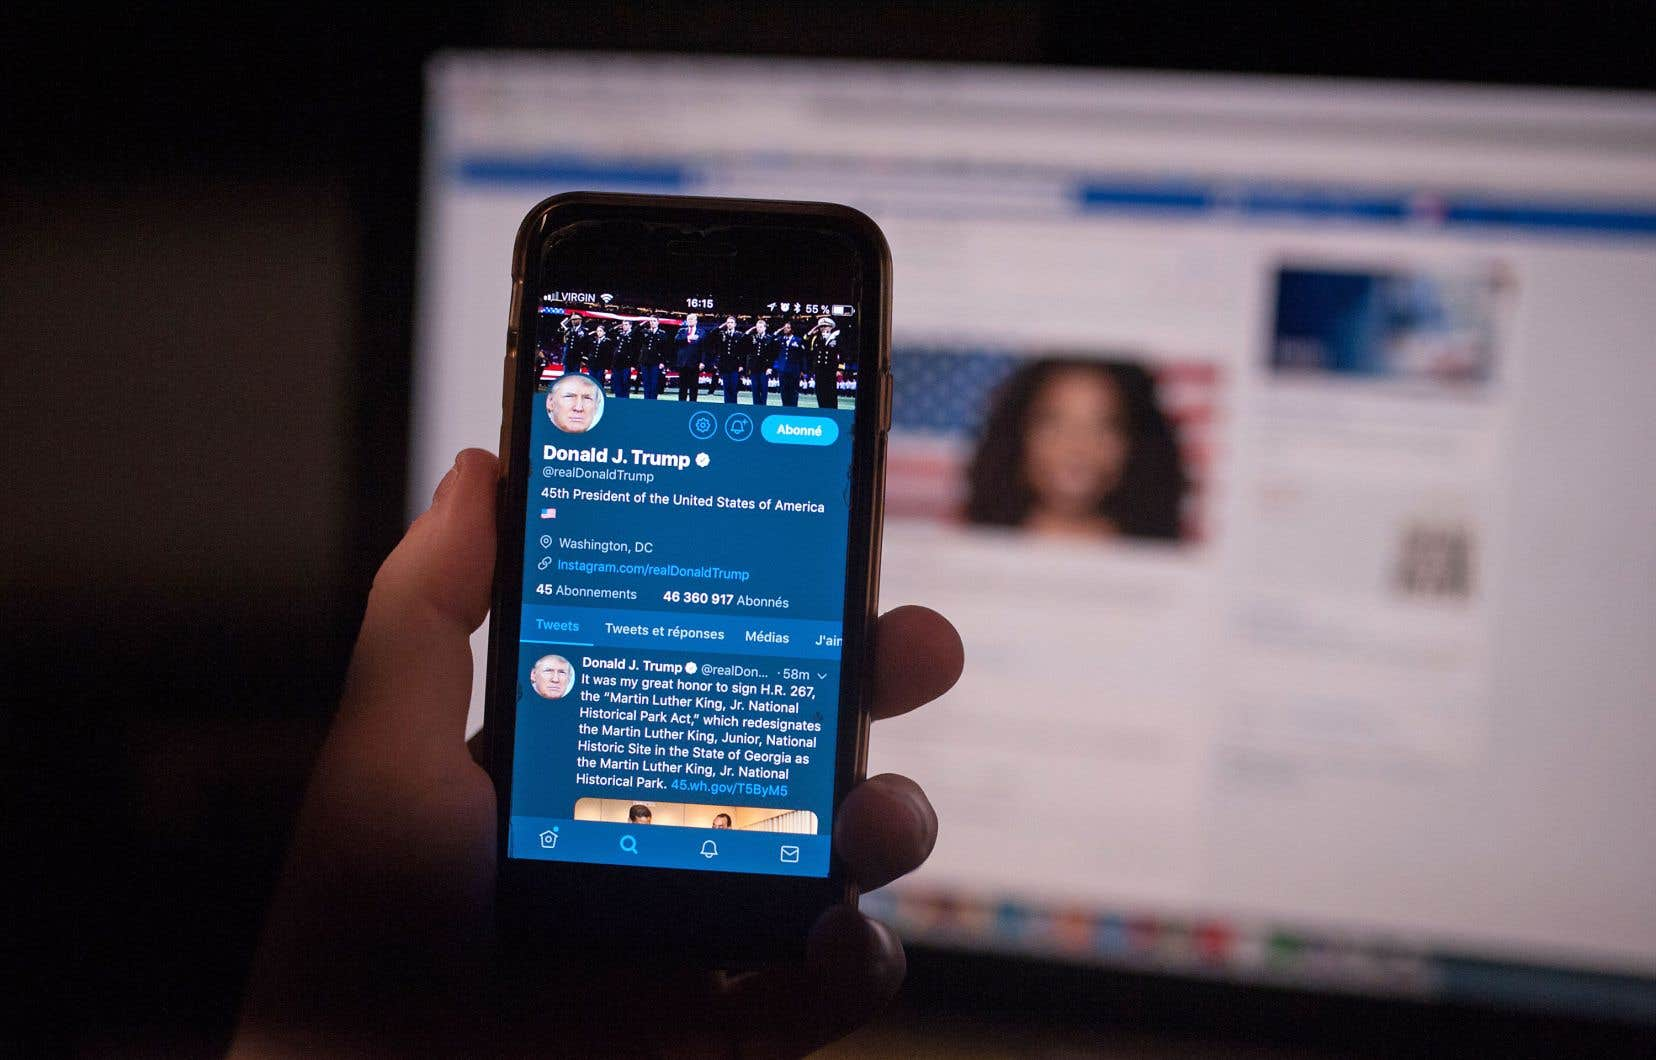 Le programme veut briser le réflexe d'instantanéité chez les jeunes, qui s'informent surtout sur les réseaux sociaux.